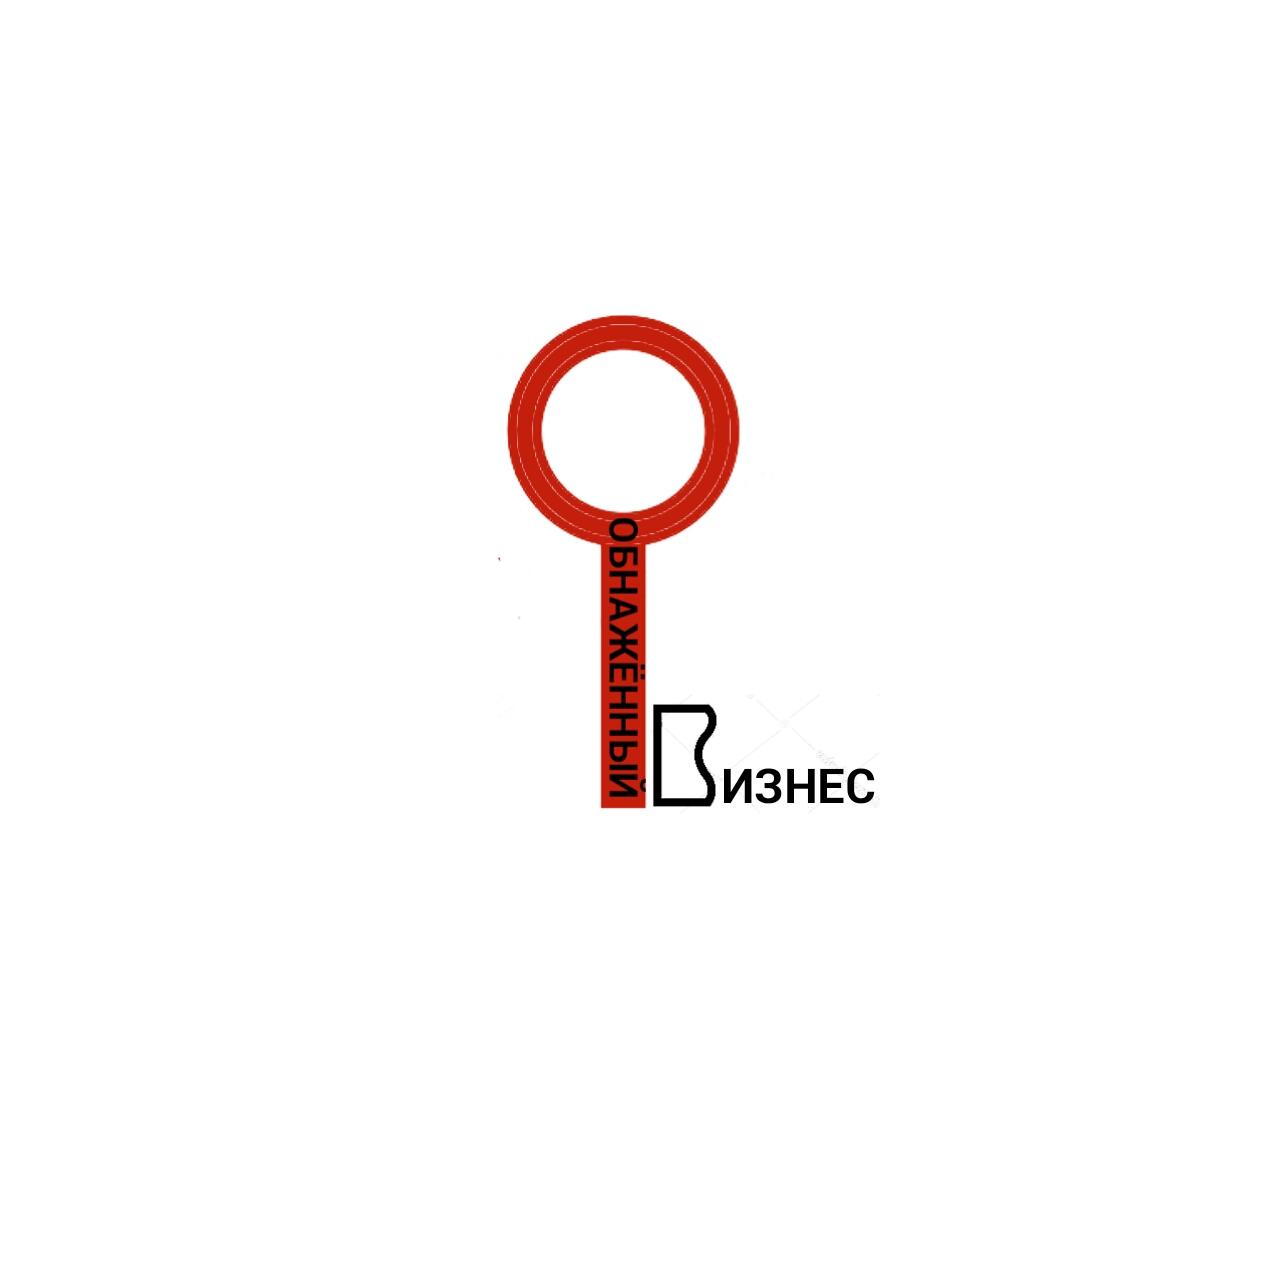 """Логотип для продюсерского центра """"Обнажённый бизнес"""" фото f_3475b9c17635bb17.jpg"""